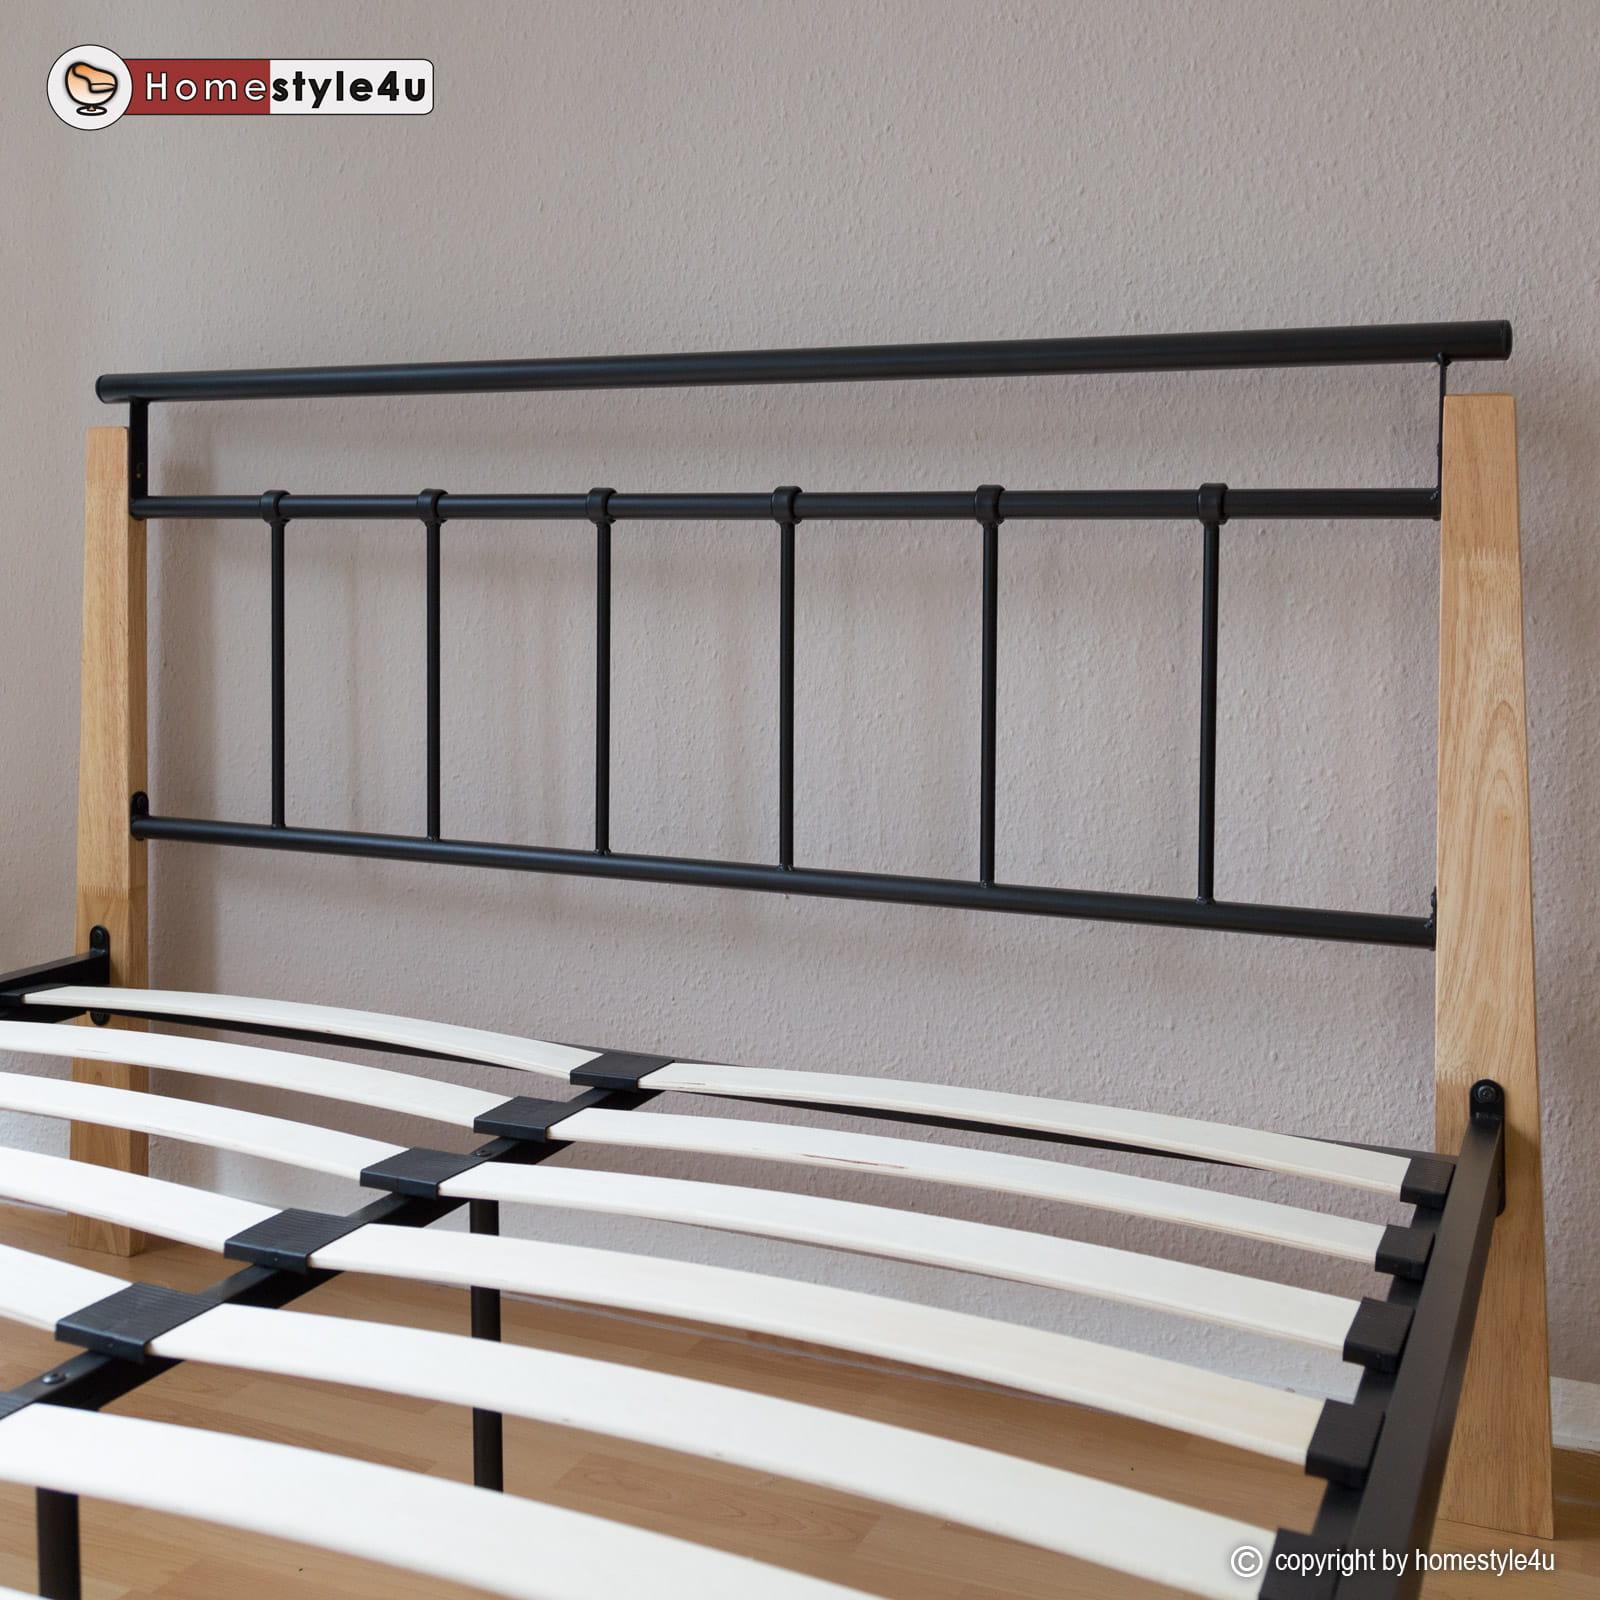 łóżko Metalowe Podwójne łóże 140x200cm Stelaż